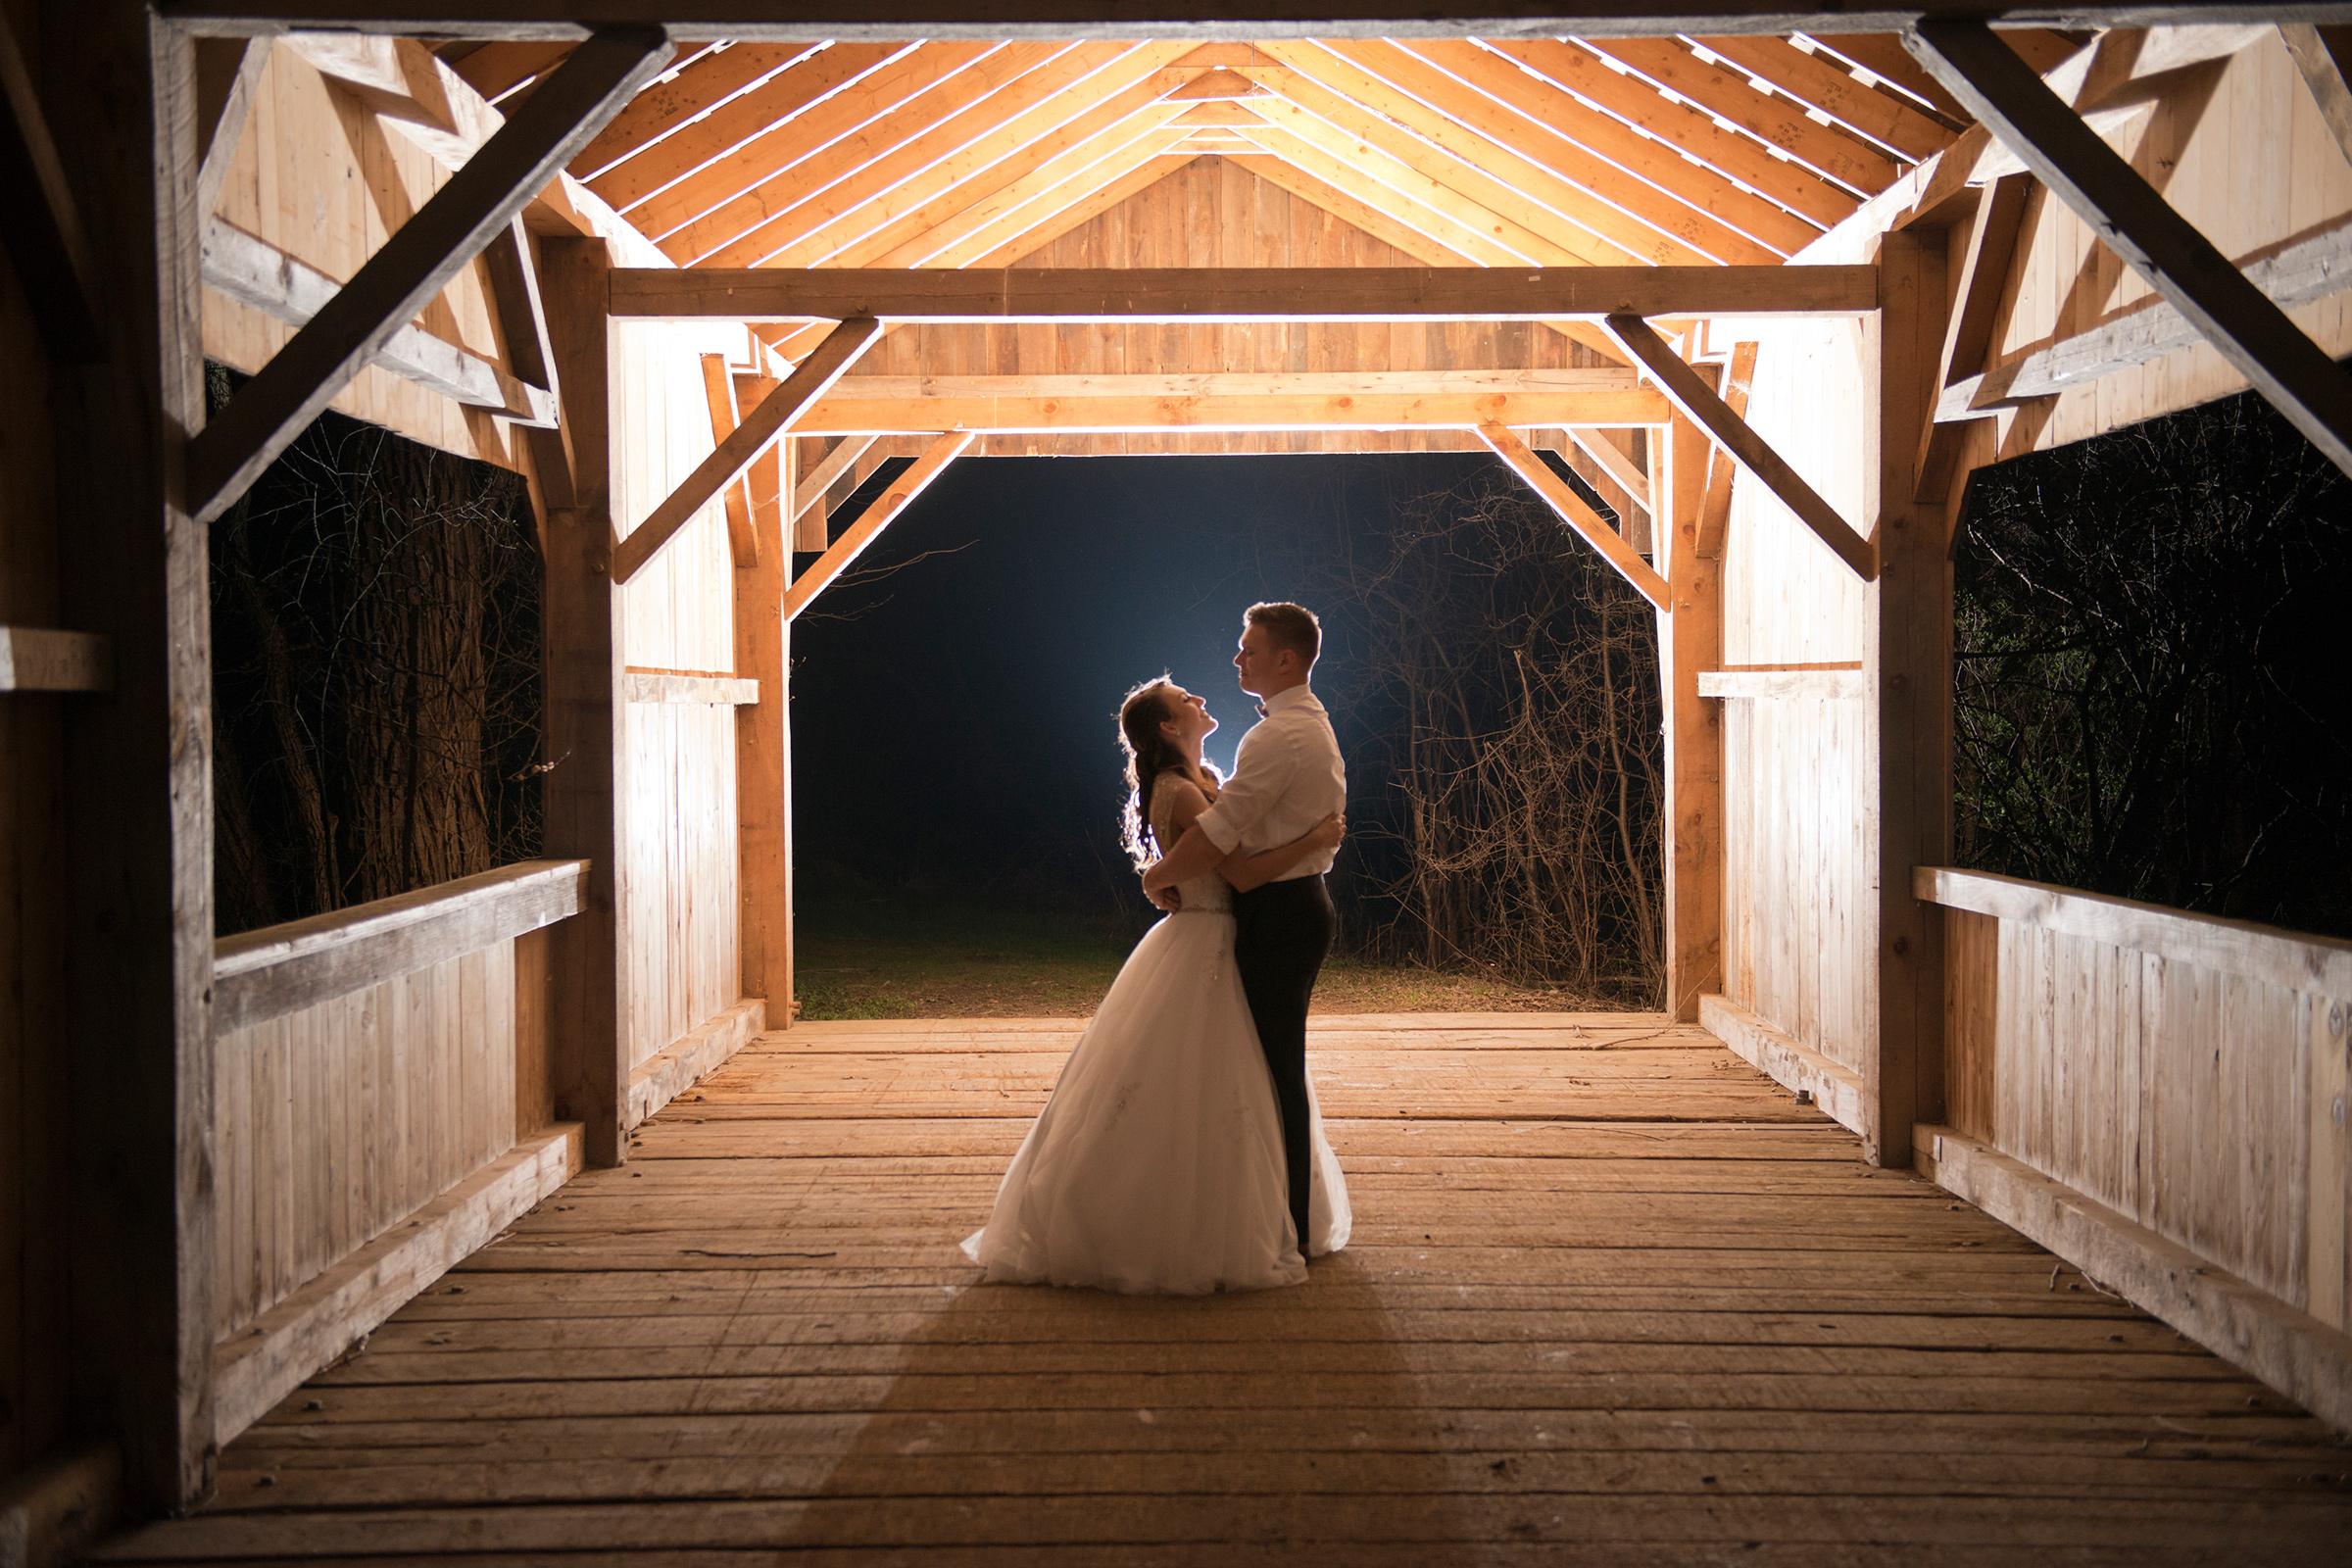 Wedding Barn At Night